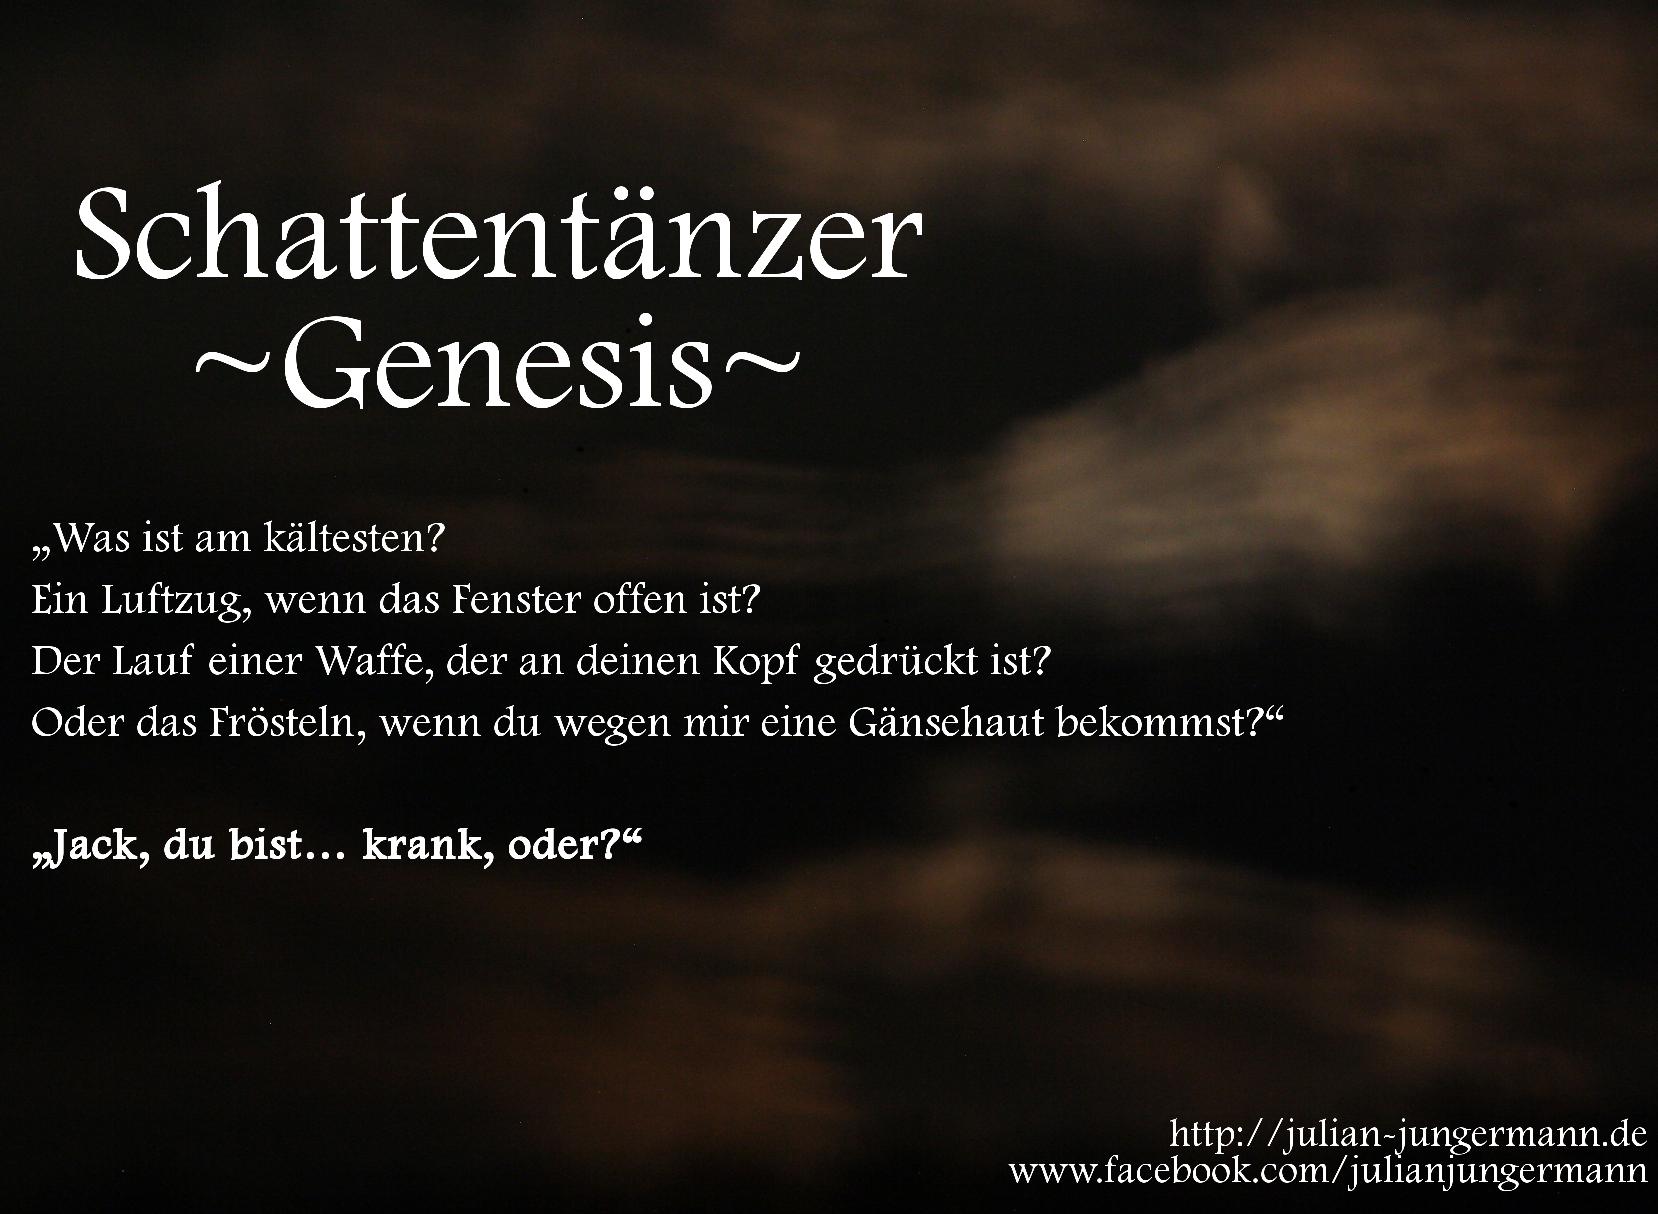 Schattentänzer Genesis